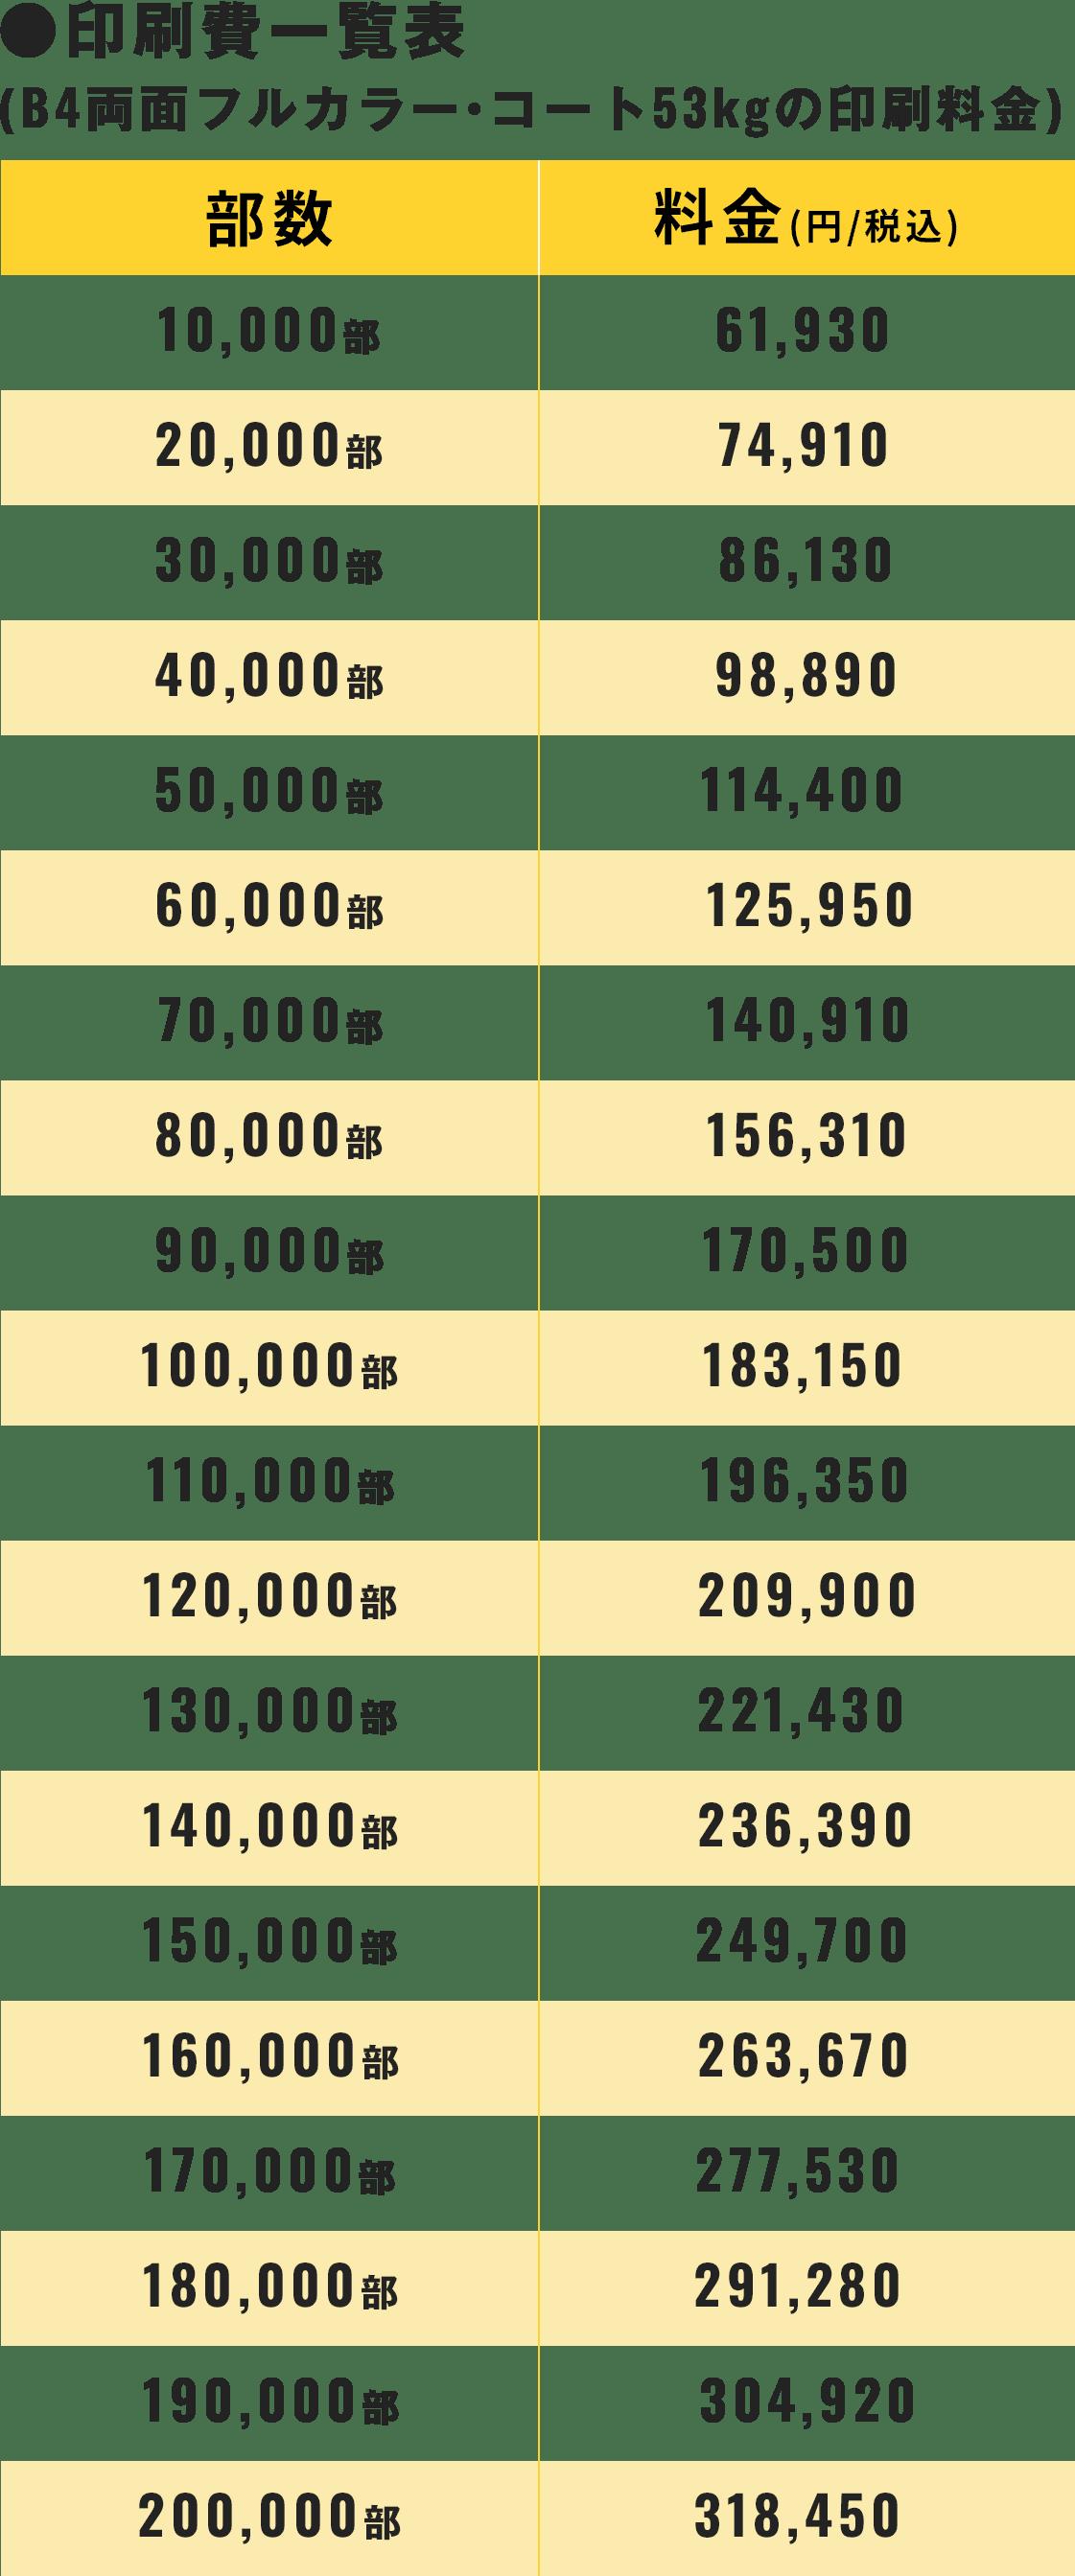 印刷費一覧表